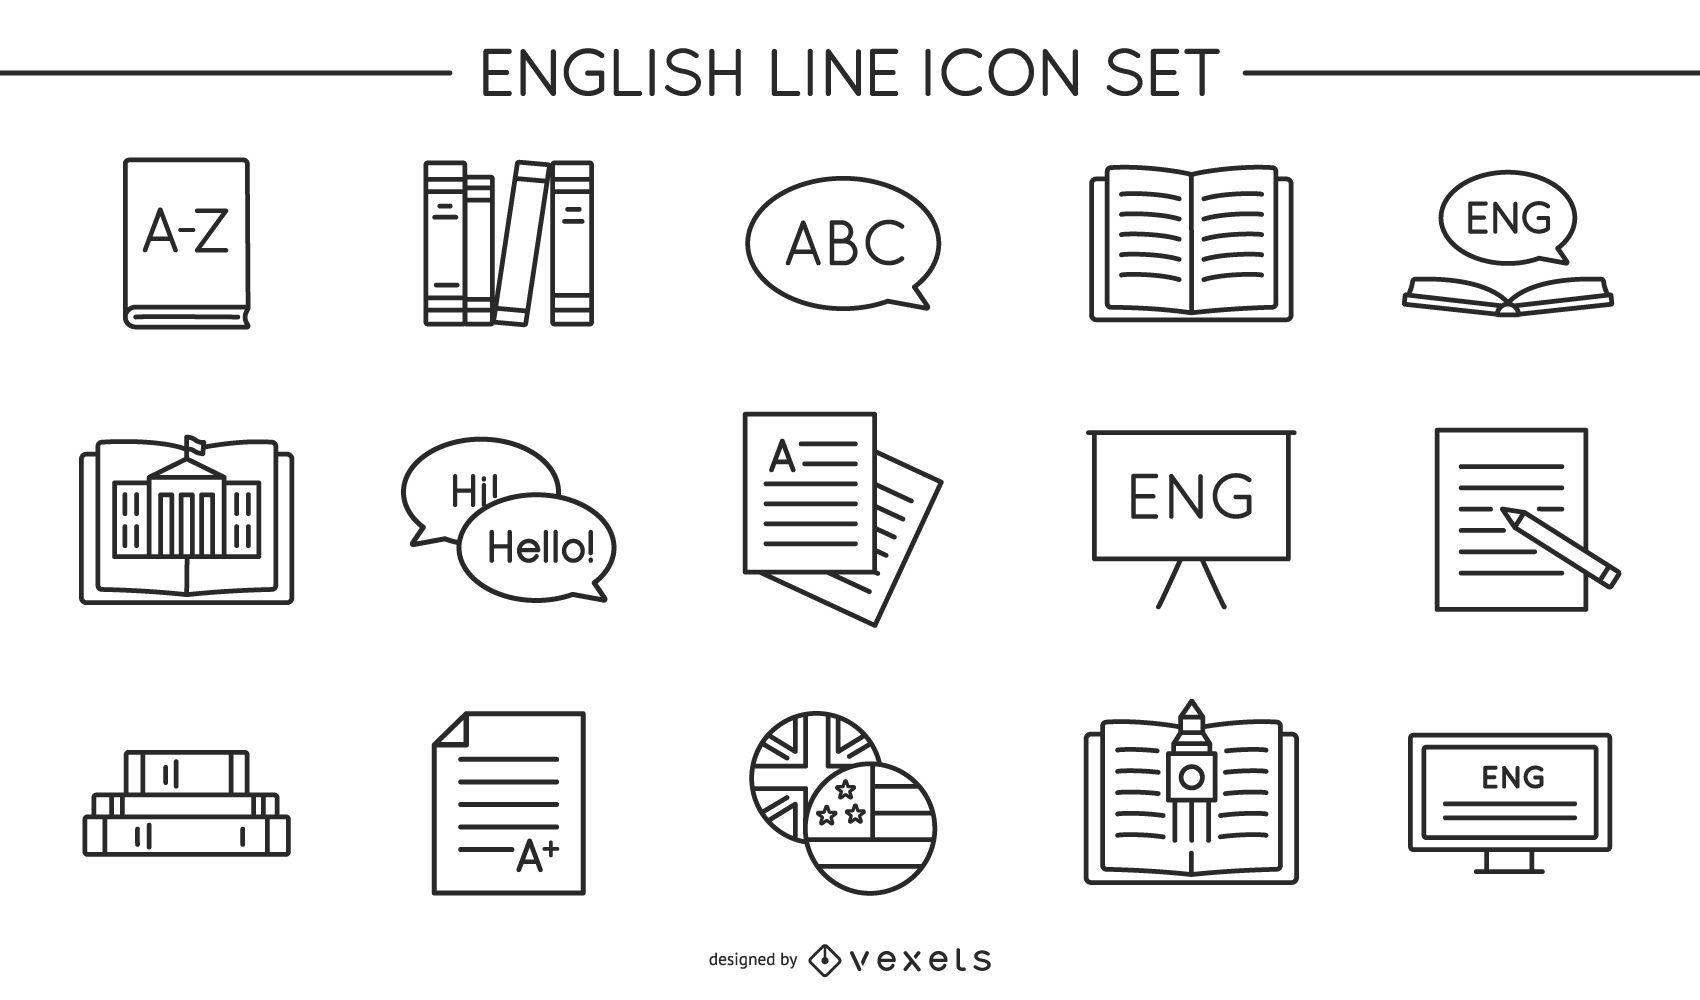 Englisches Liniensymbol gesetzt